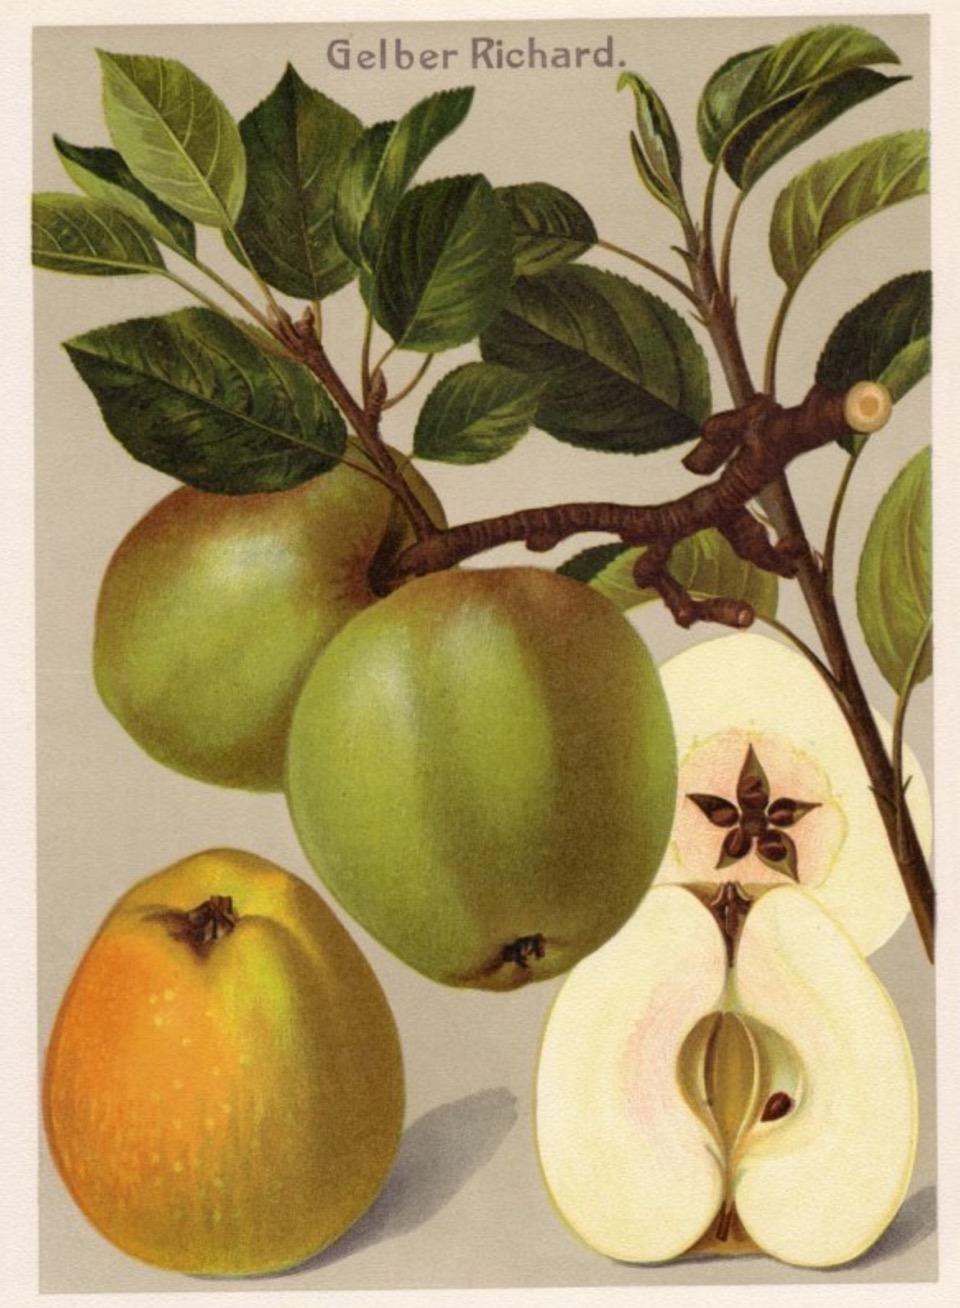 Historische Abbildung von grünen Äpfeln am Zweig, einem gelben Apfel und einem aufgeschnittenen Apfel; BUND Lemgo Obstsortendatenbank